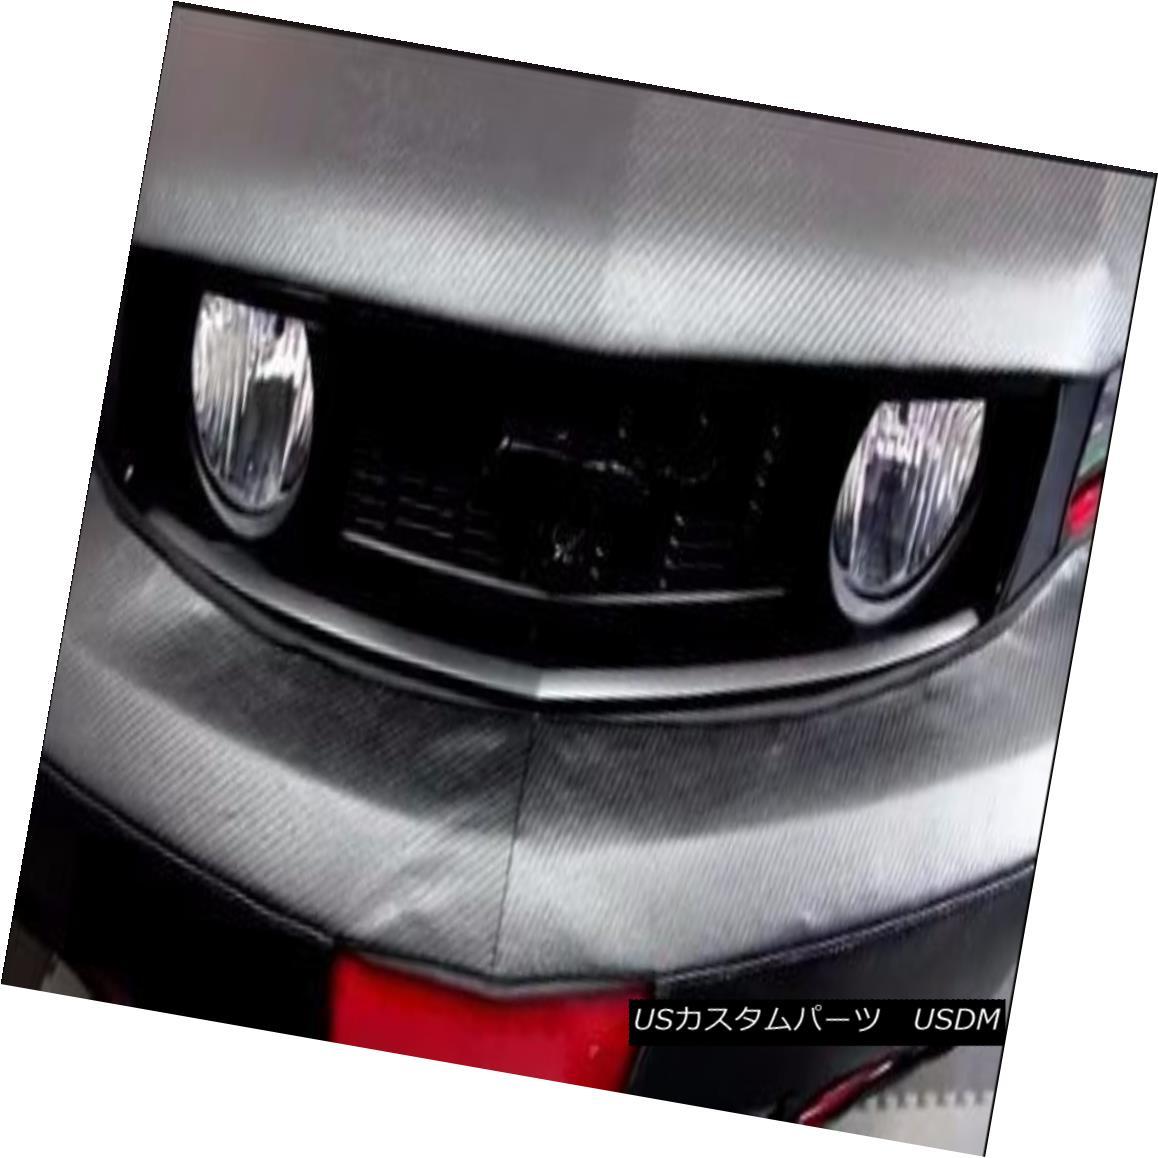 フルブラ ノーズブラ Colgan Front End Mask Bra CF 2pc. Fits Mercedes Benz E320 2000-2002 W/ Lic.Plate コルガンフロントエンドマスクブラ2pc。 メルセデスベンツE320 2000-2002 W / Lic.Plateに適合